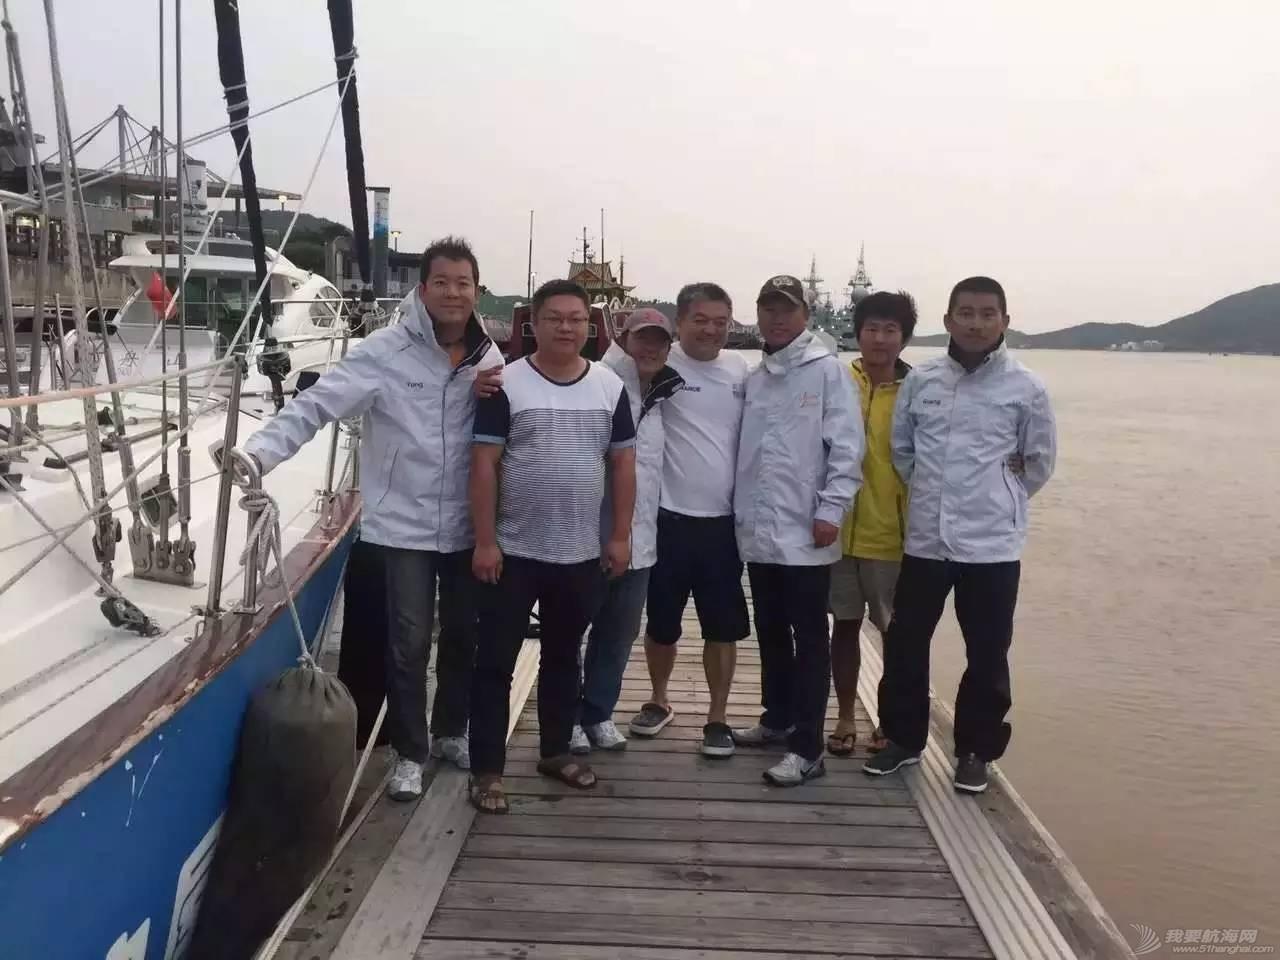 新闻发布会,帆船运动,陵水县,老男孩,俱乐部 6月18-24日 航海界要闻 b65b45aaf9efcb009bcf1db013e8c45c.jpg